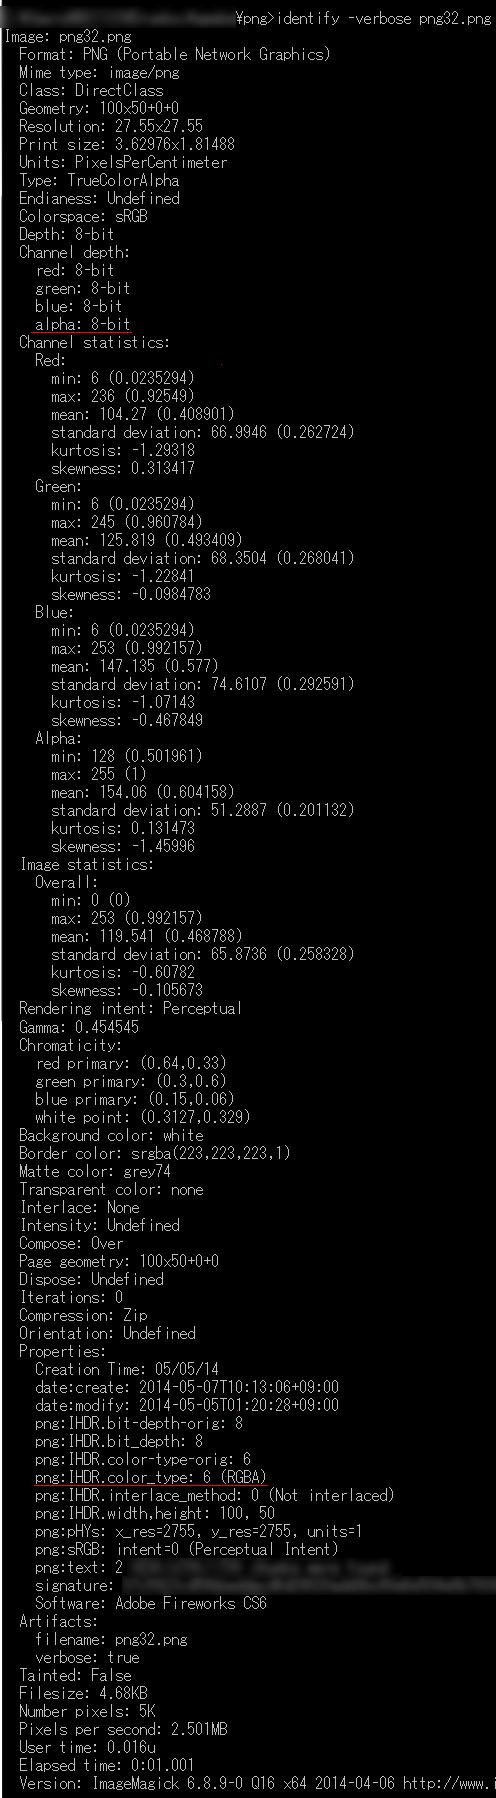 1分でわかるPNG8,PNG24,PNG32を判別する方法 Imagemagick結果